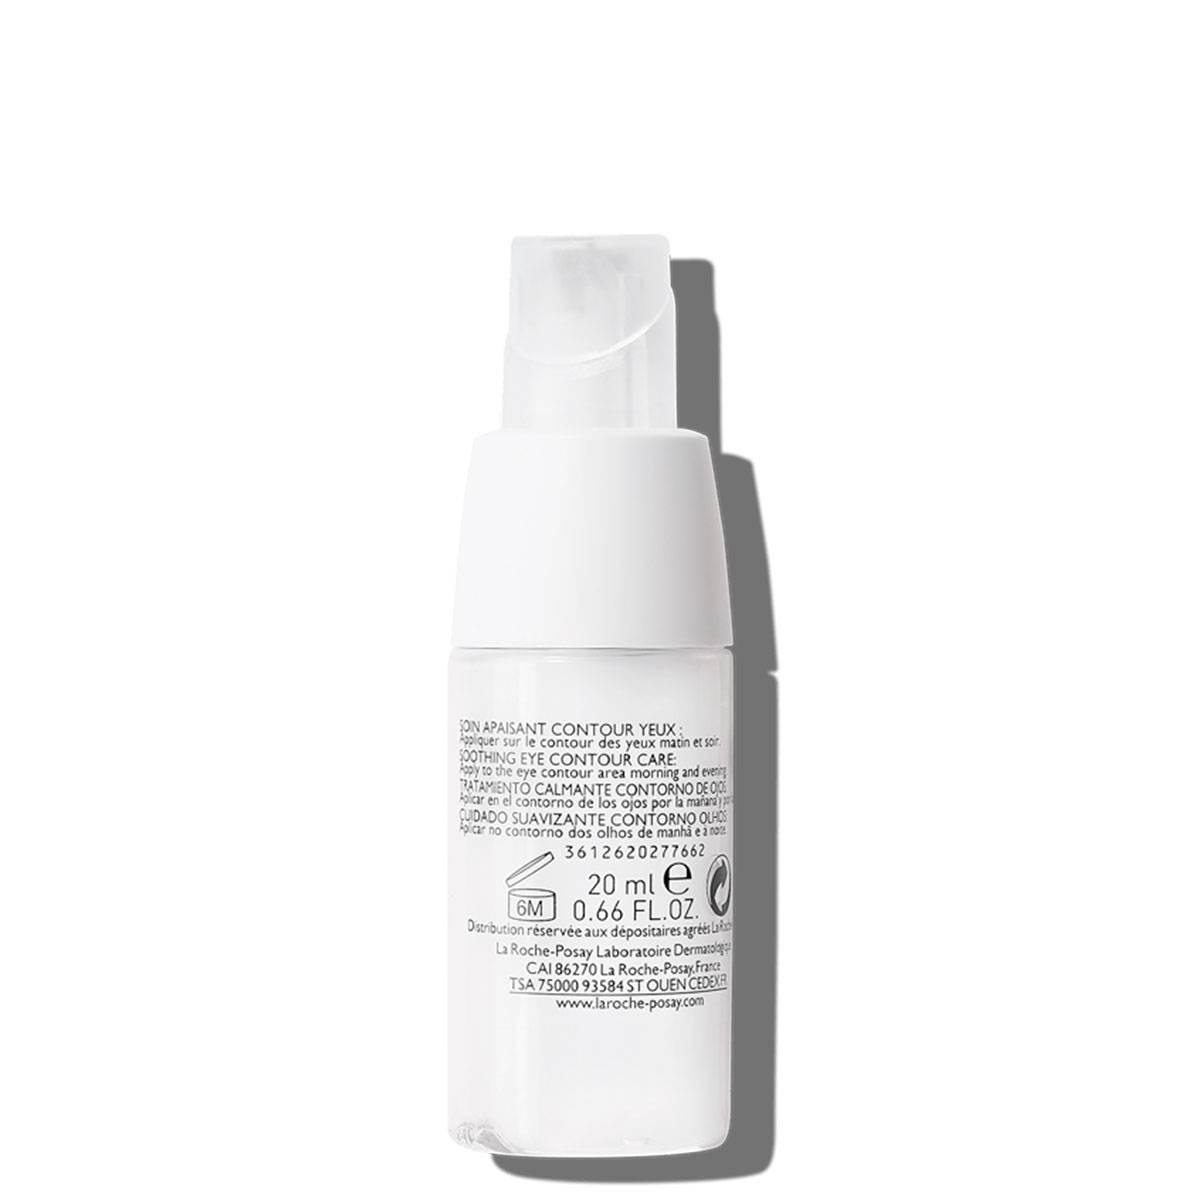 La Roche Posay ProductPage Sensitive Allergic Toleriane Ultra Eye Cont